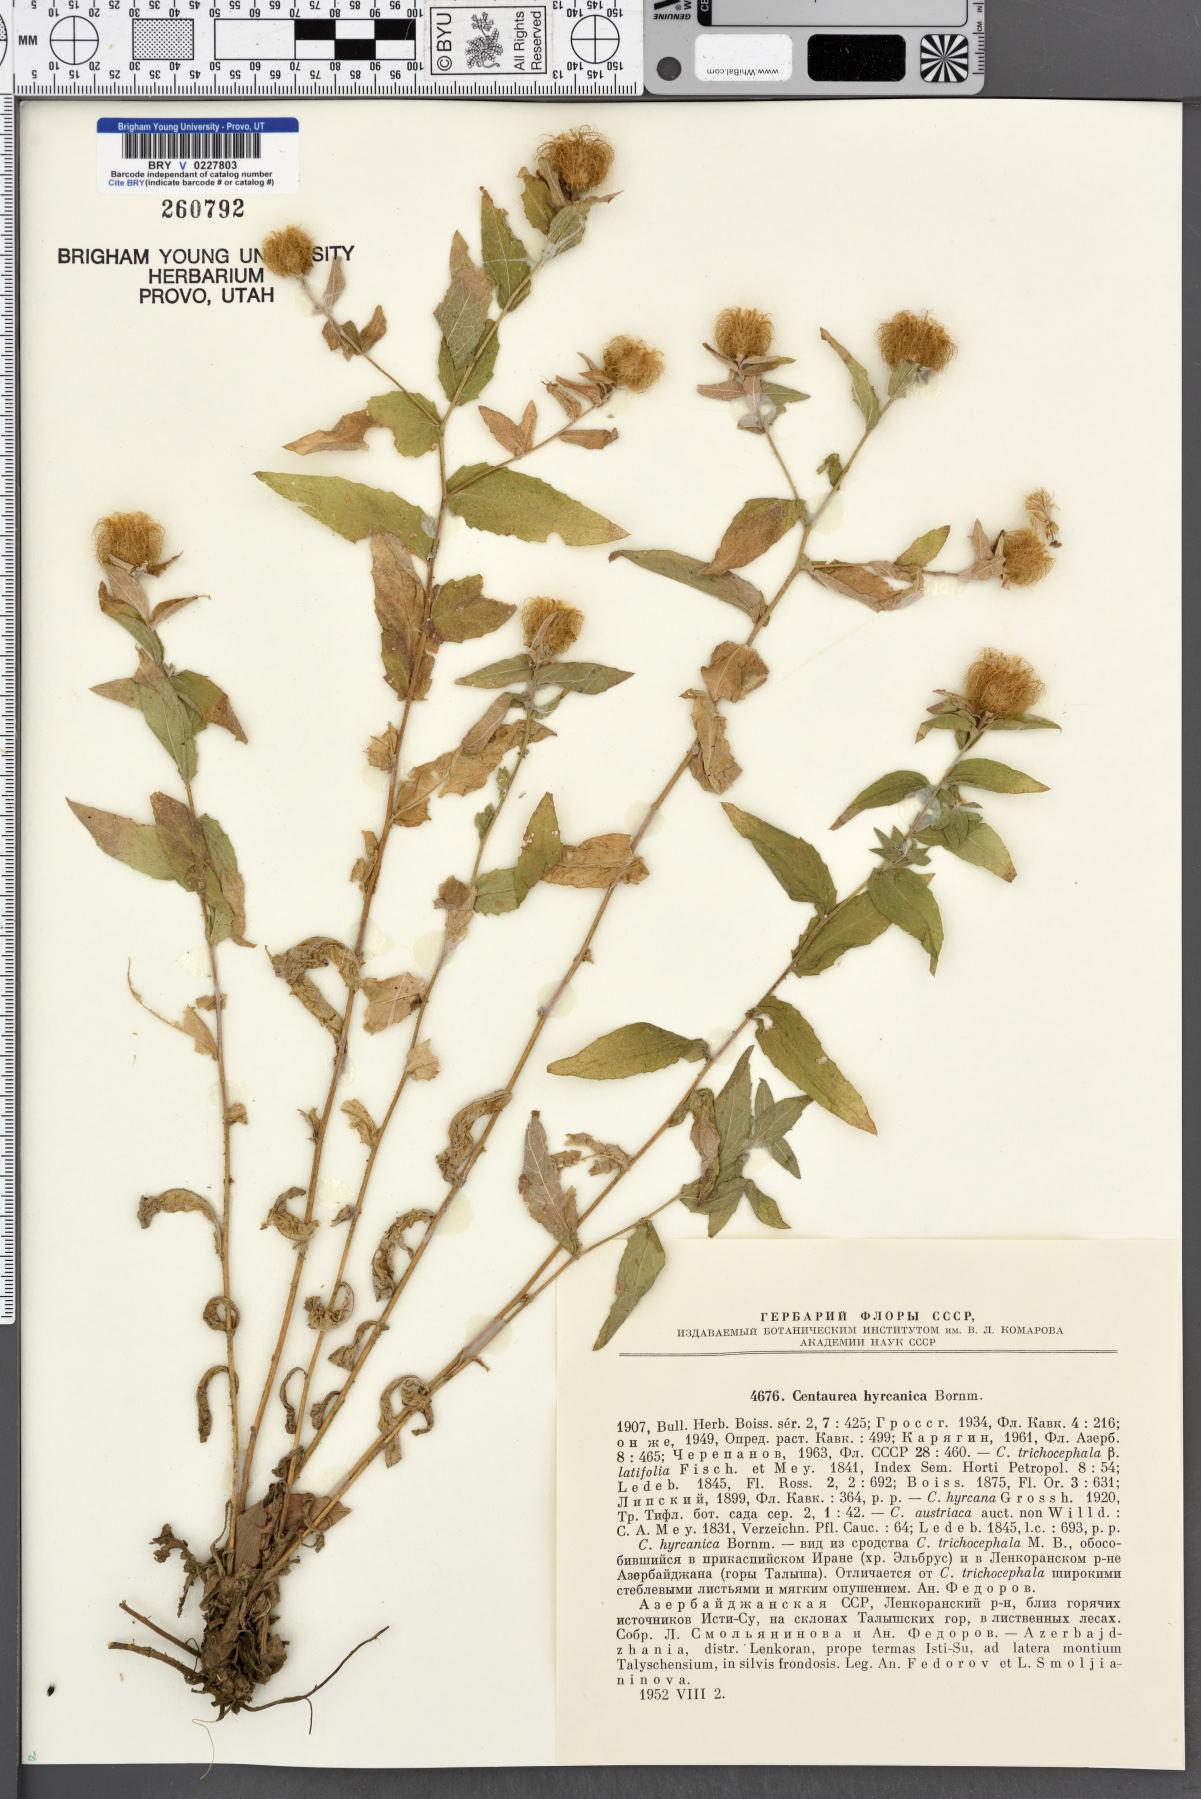 Centaurea hyrcanica image